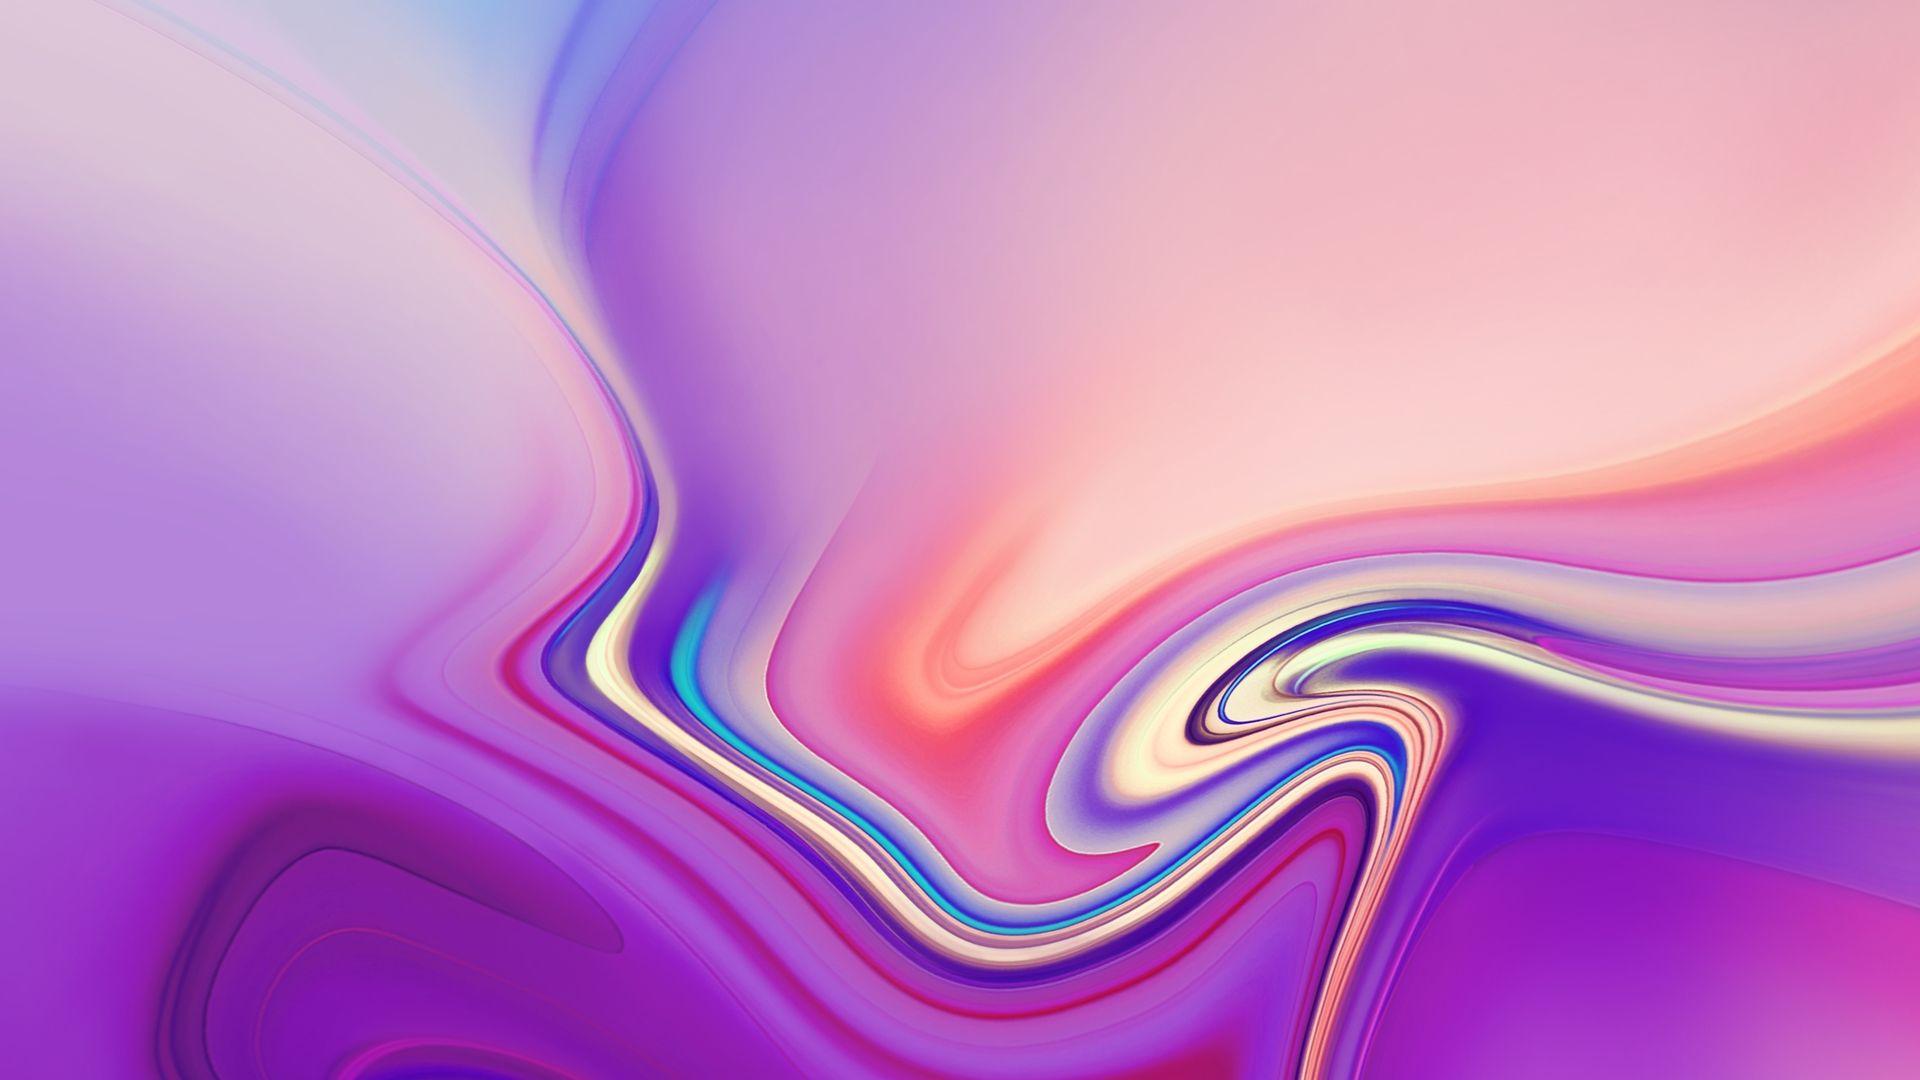 Samsung Laptop Wallpapers on WallpaperDog